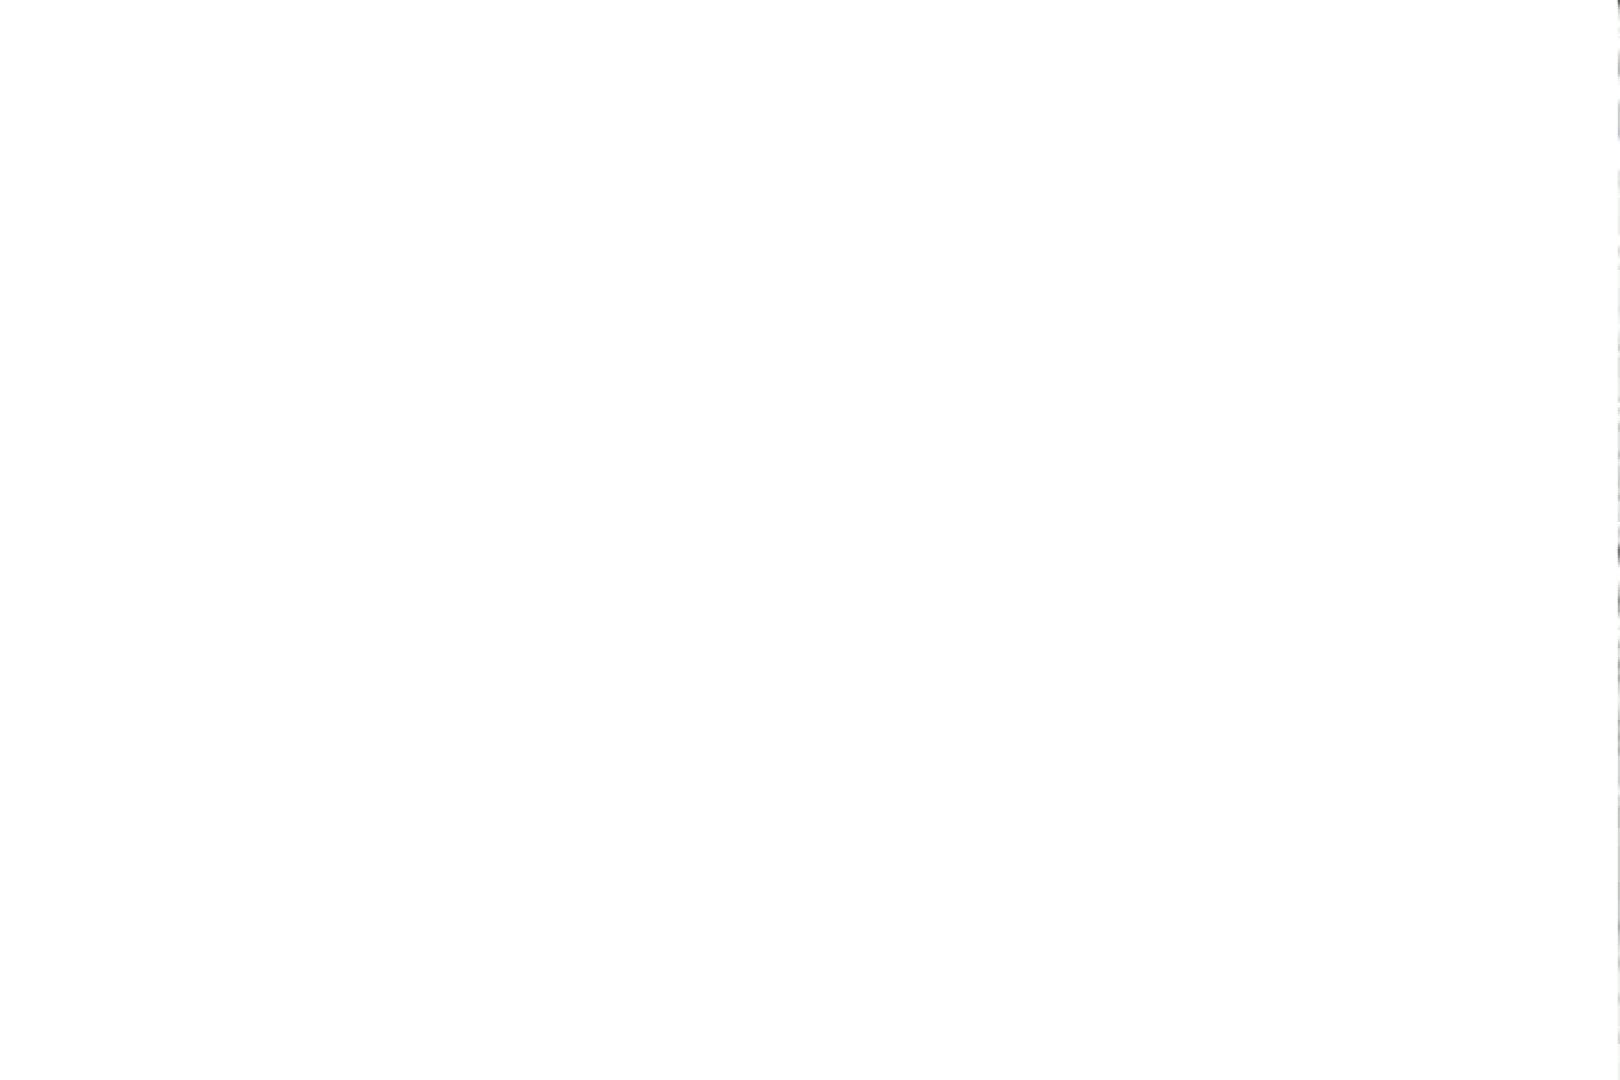 充血監督の深夜の運動会Vol.16 カップルのセックス 性交動画流出 109PIX 108